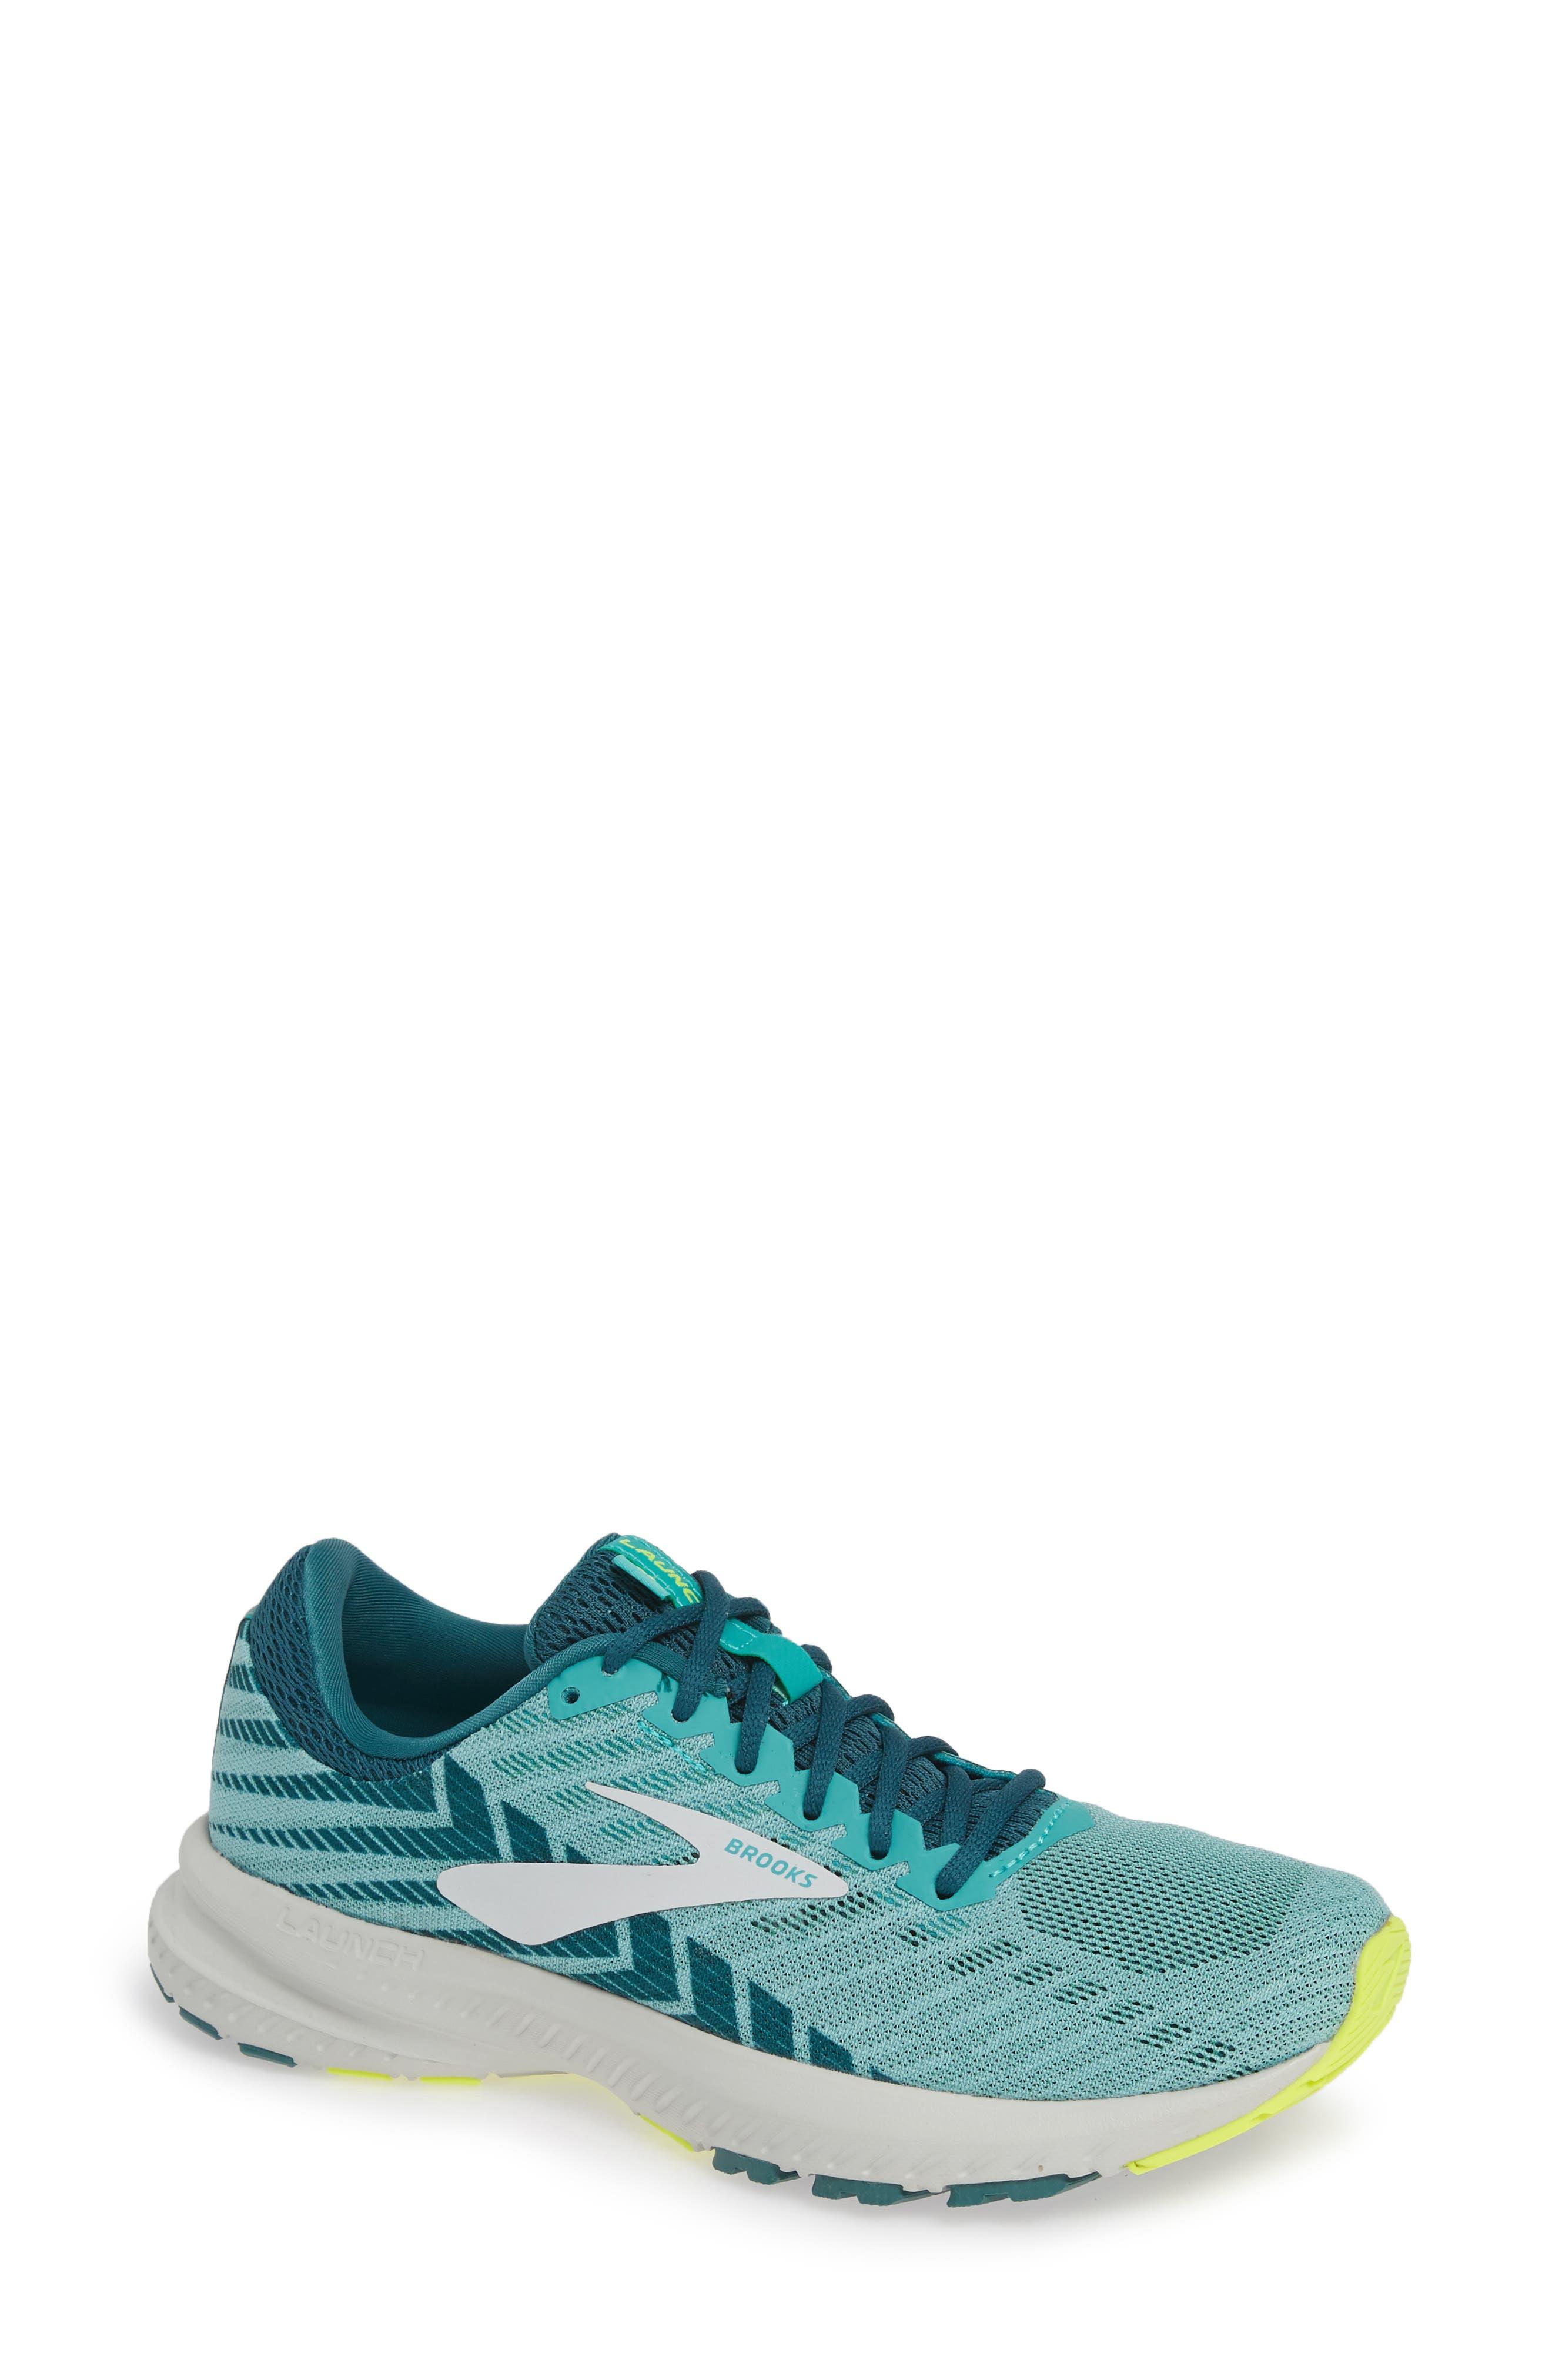 Brooks Launch 6 Running Shoe, Blue/green